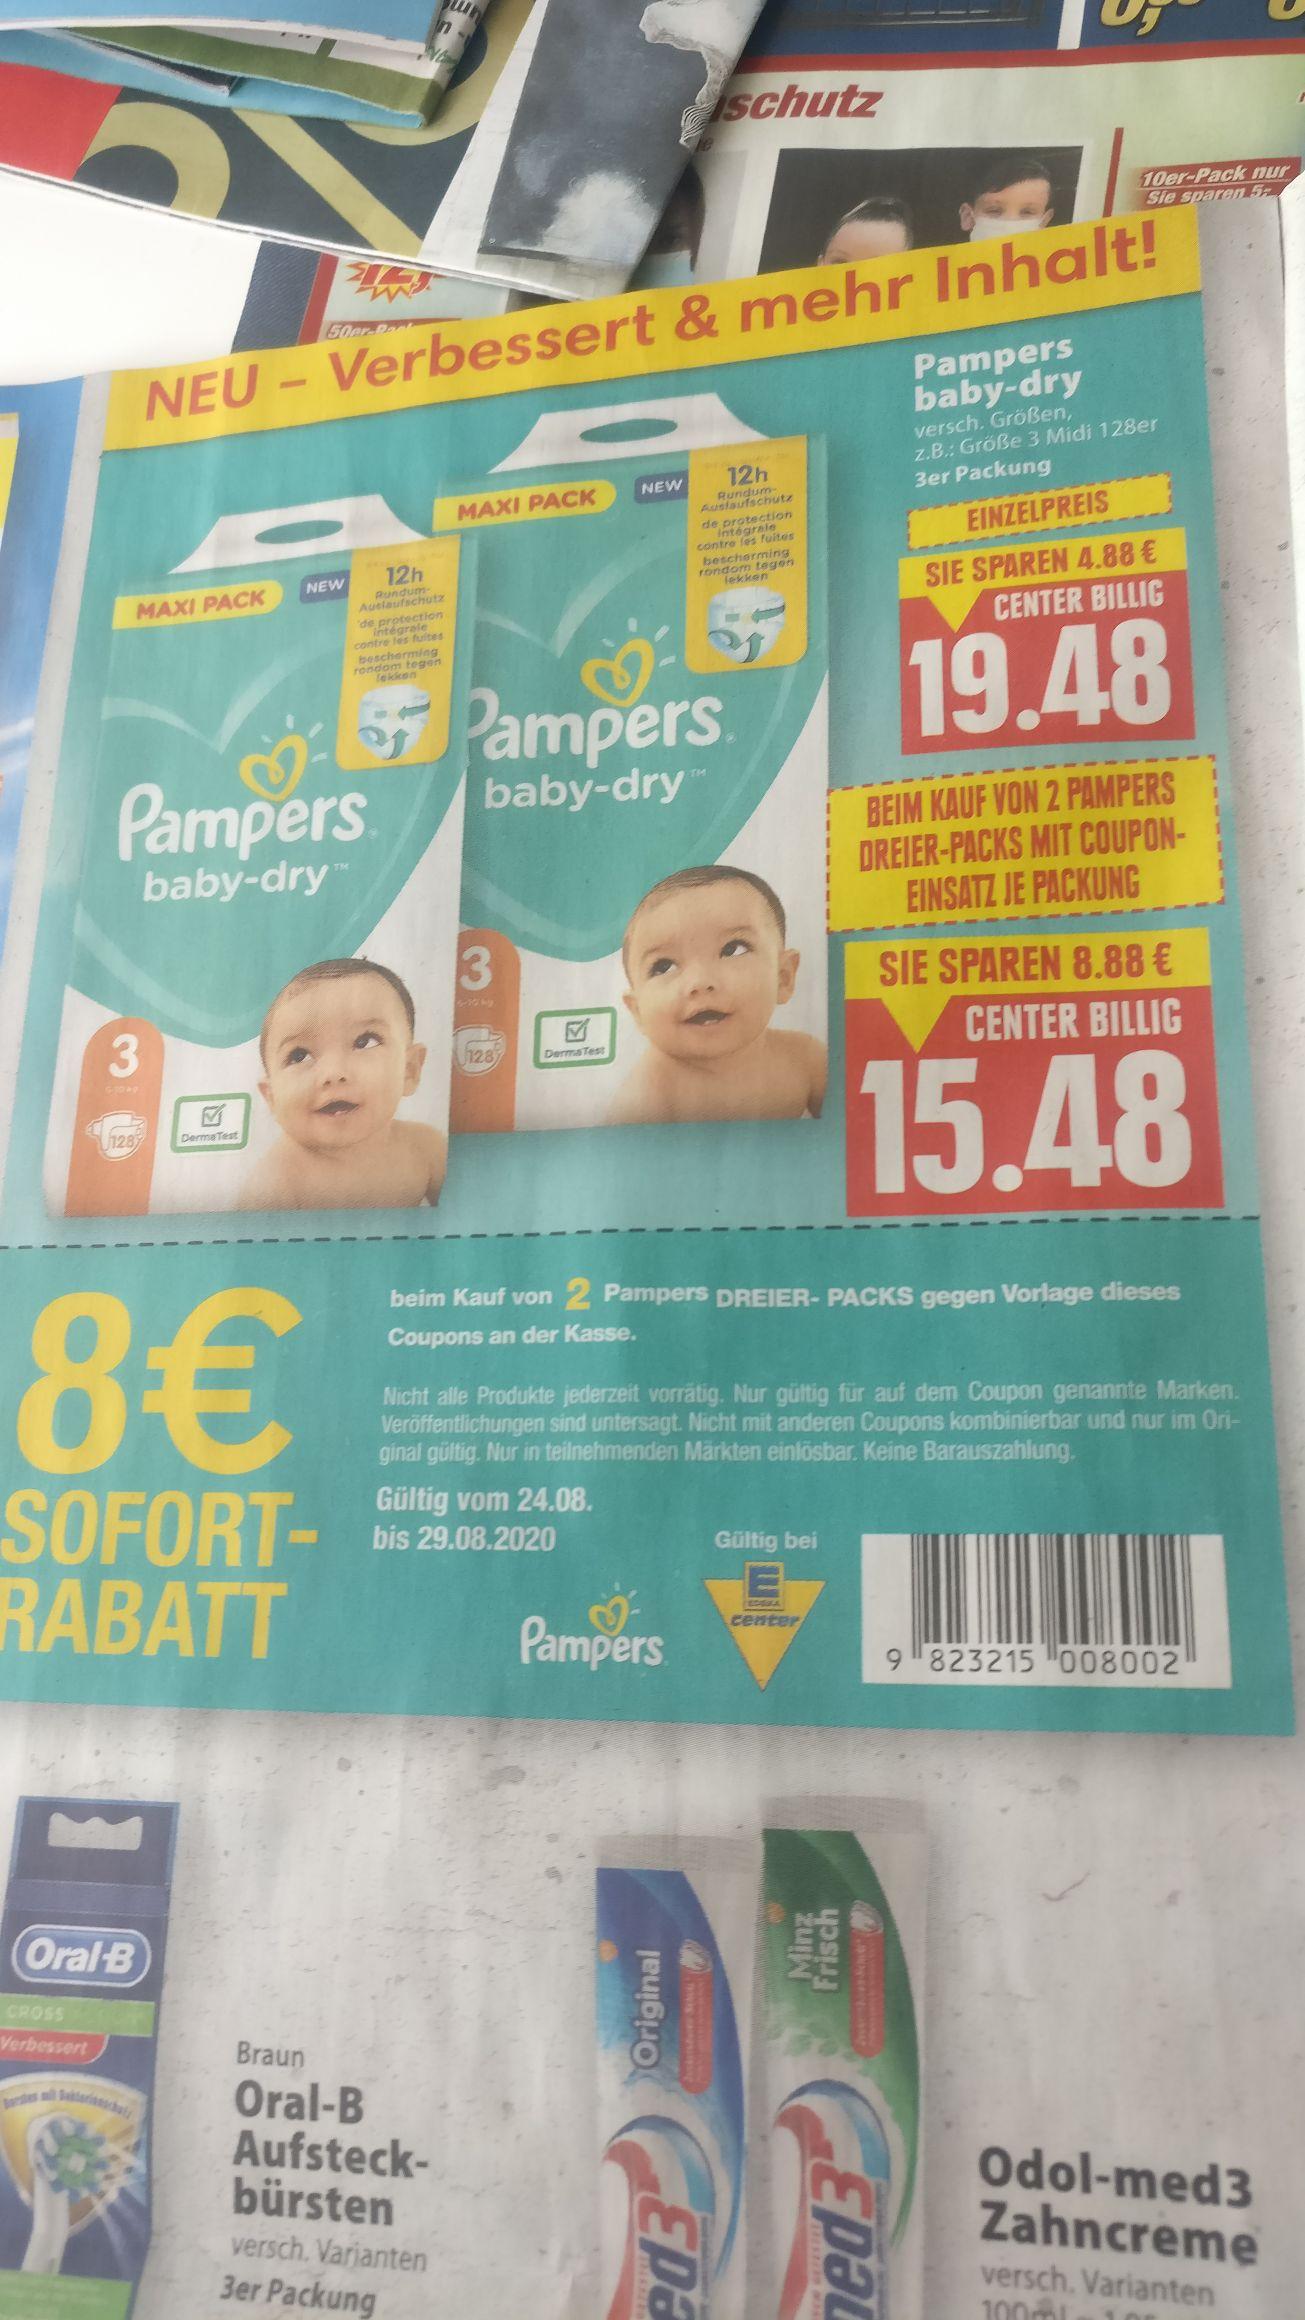 Pampers , verschiedene Größen Maxi Pack . Beim Kauf von 2 Maxi Packs ergibt sich durch den Coupon ein Preis von 15,48 Euro pro Packung